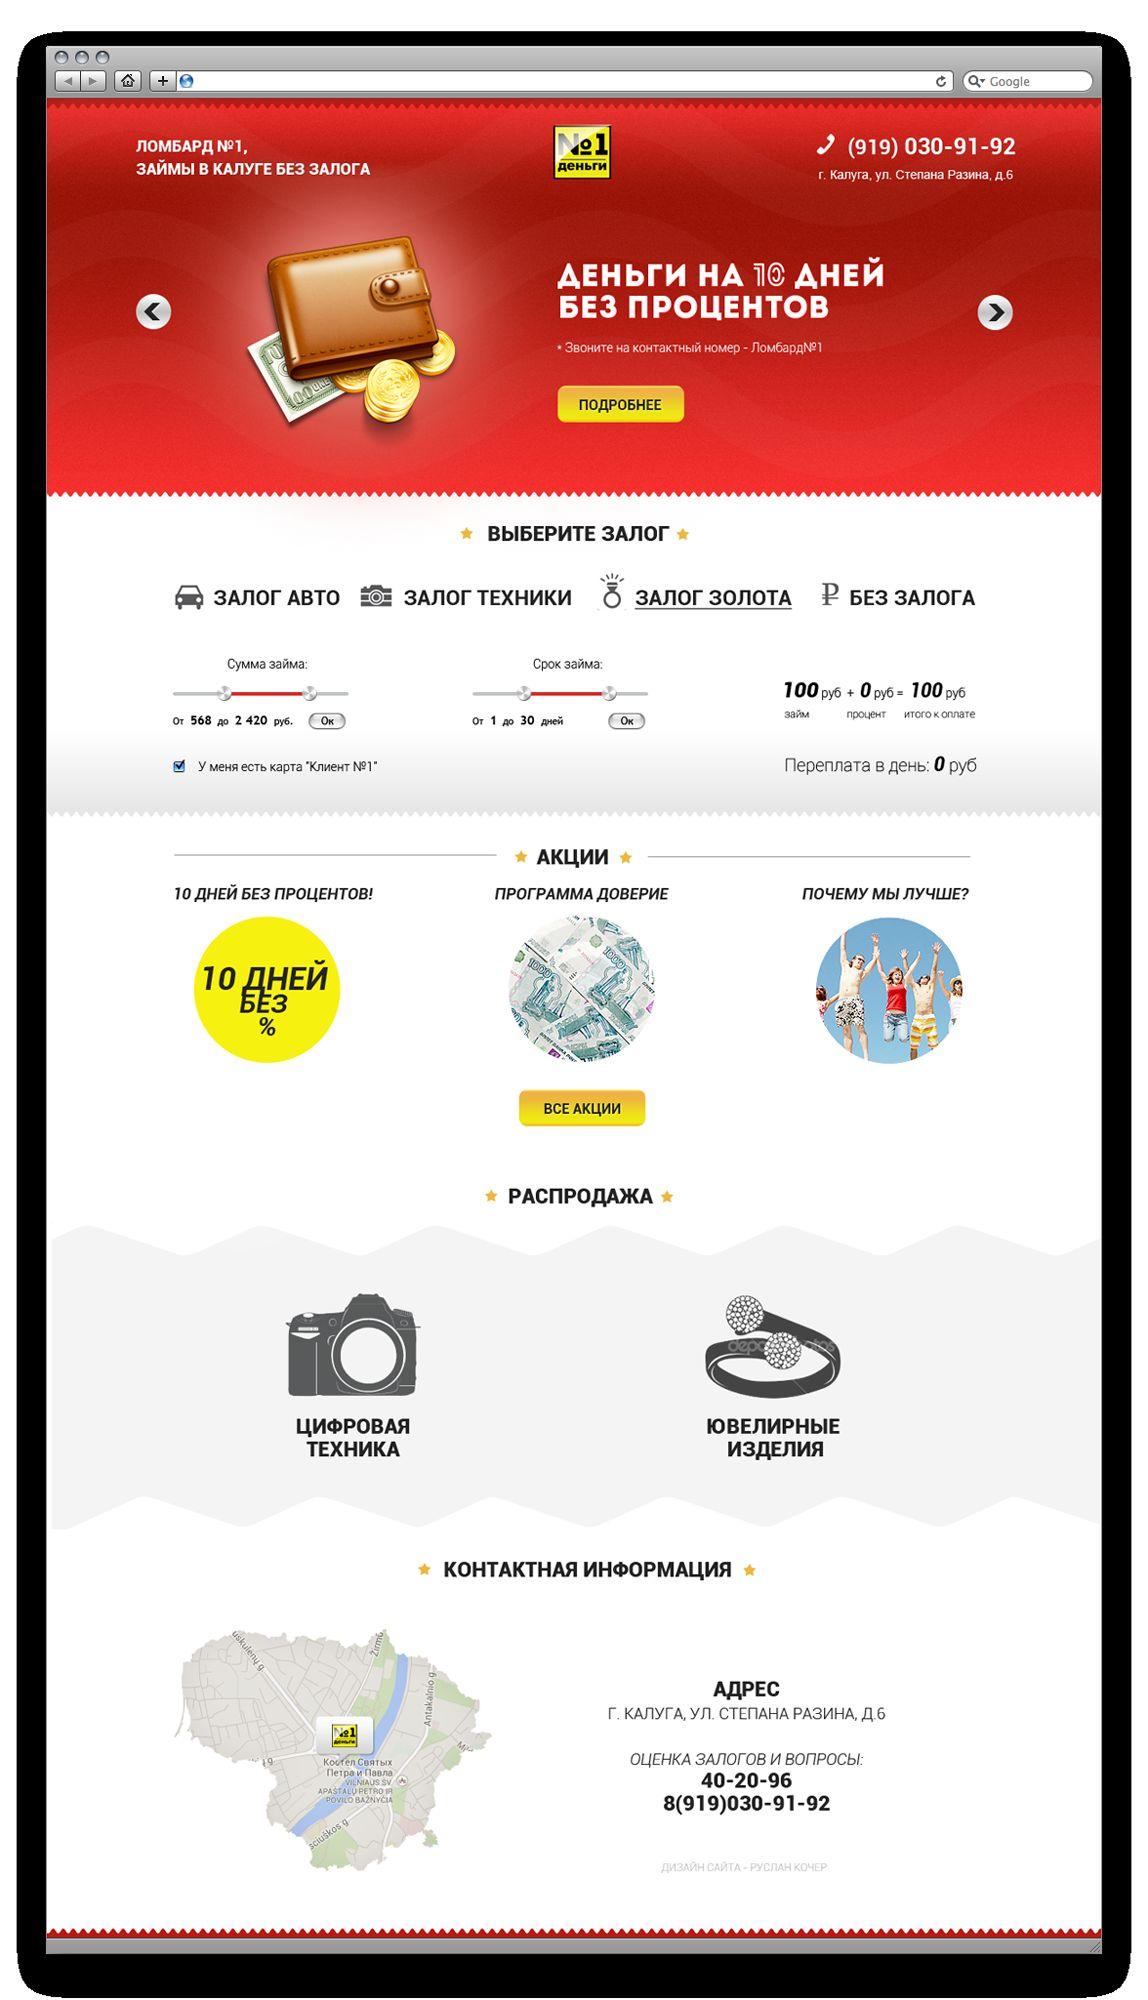 Дизайн главной страницы сайта Ломбард №1 - дизайнер kocherlive